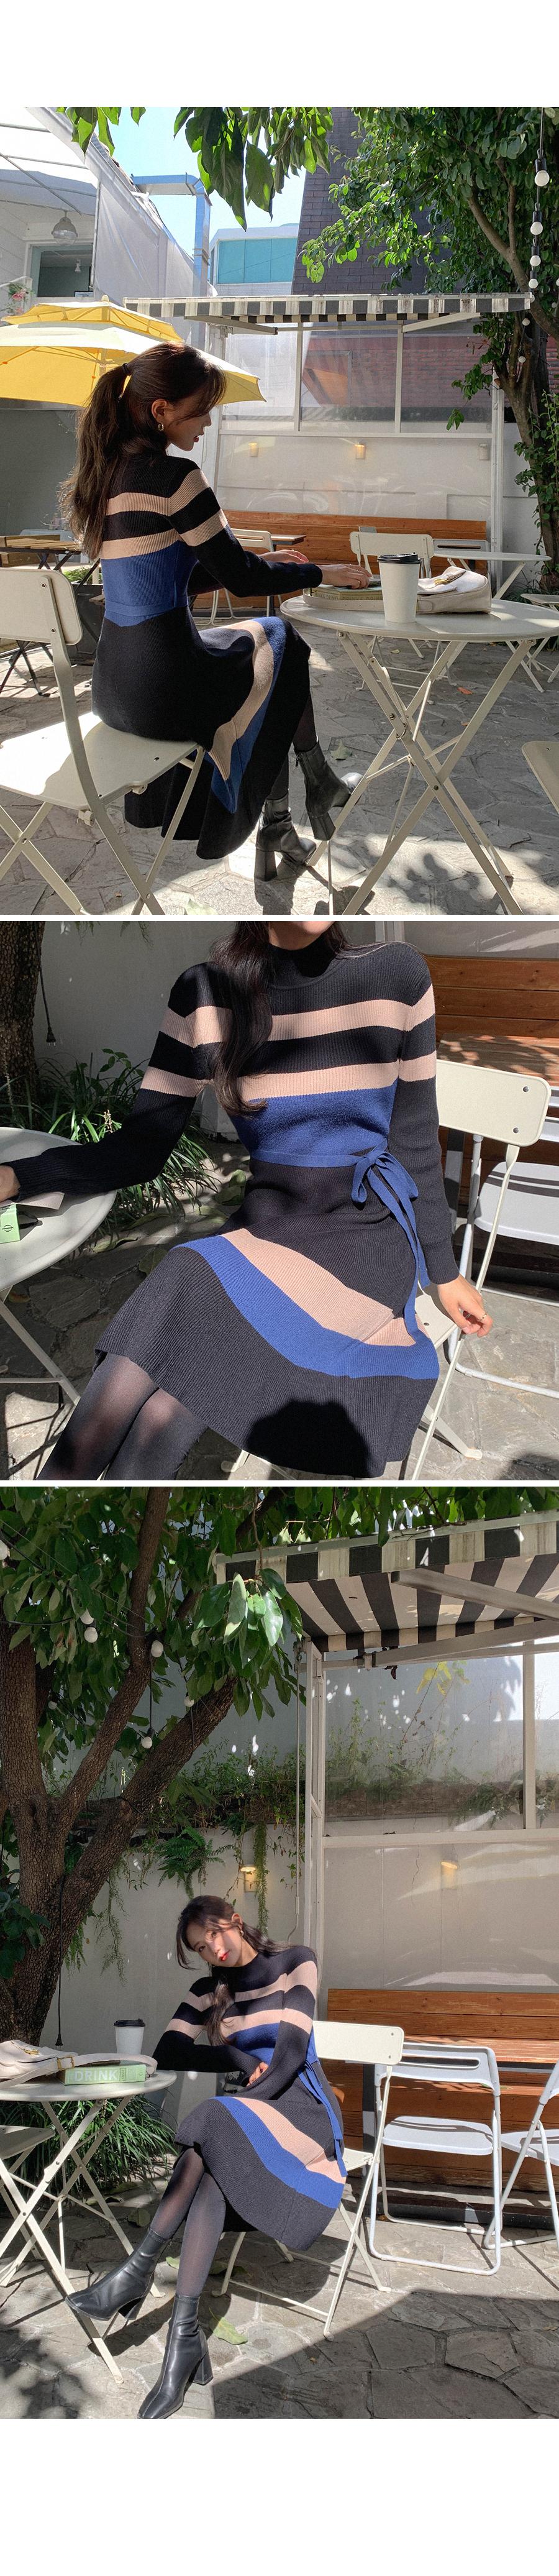 Matching Dangara Flare Knit One Piece